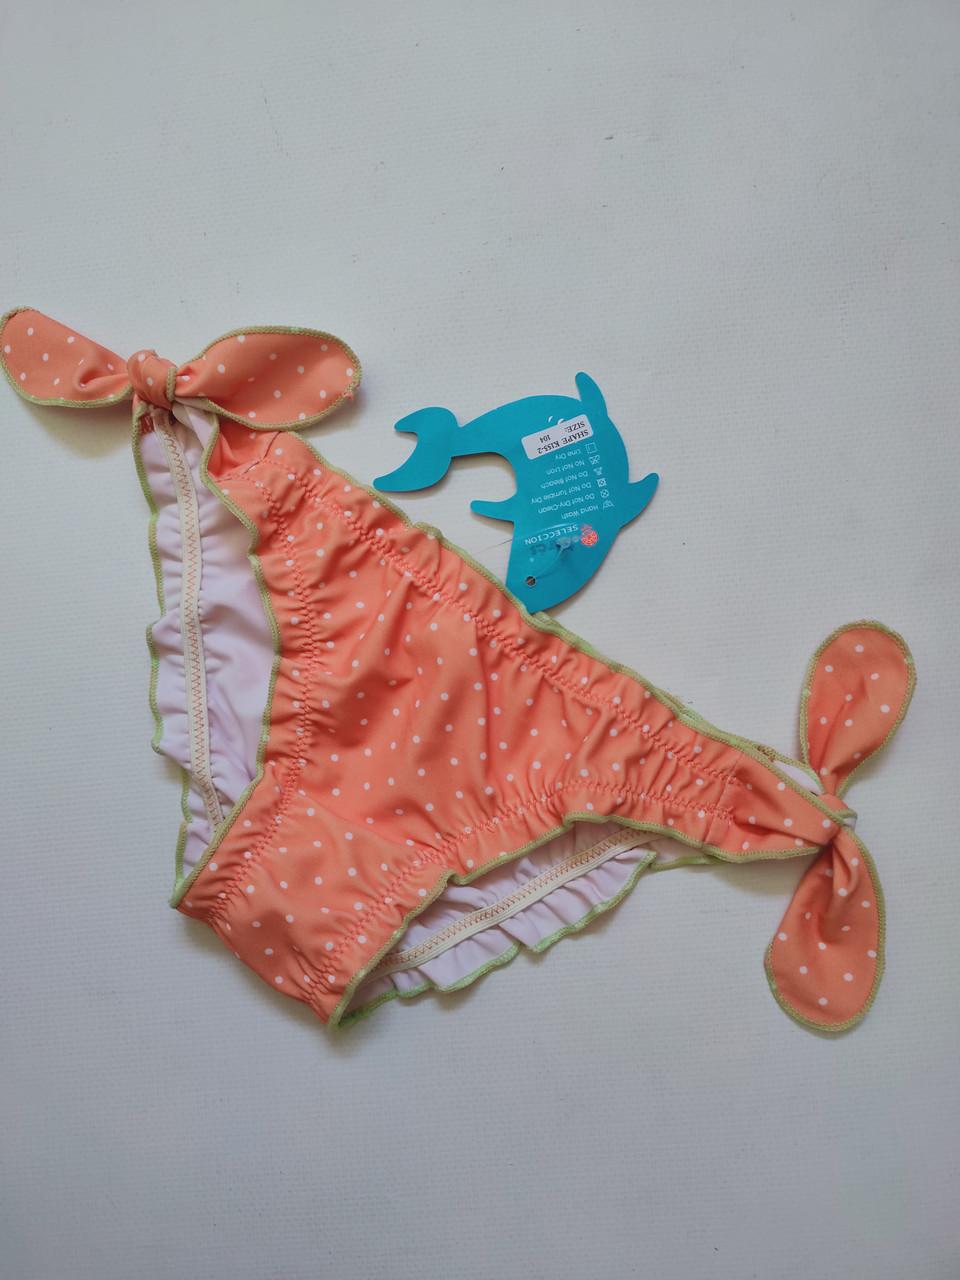 Плавки TERES для девочек Горошек  155-2 пудра  (В НАЛИЧИИ ТОЛЬКО  24 26 28 размеры)